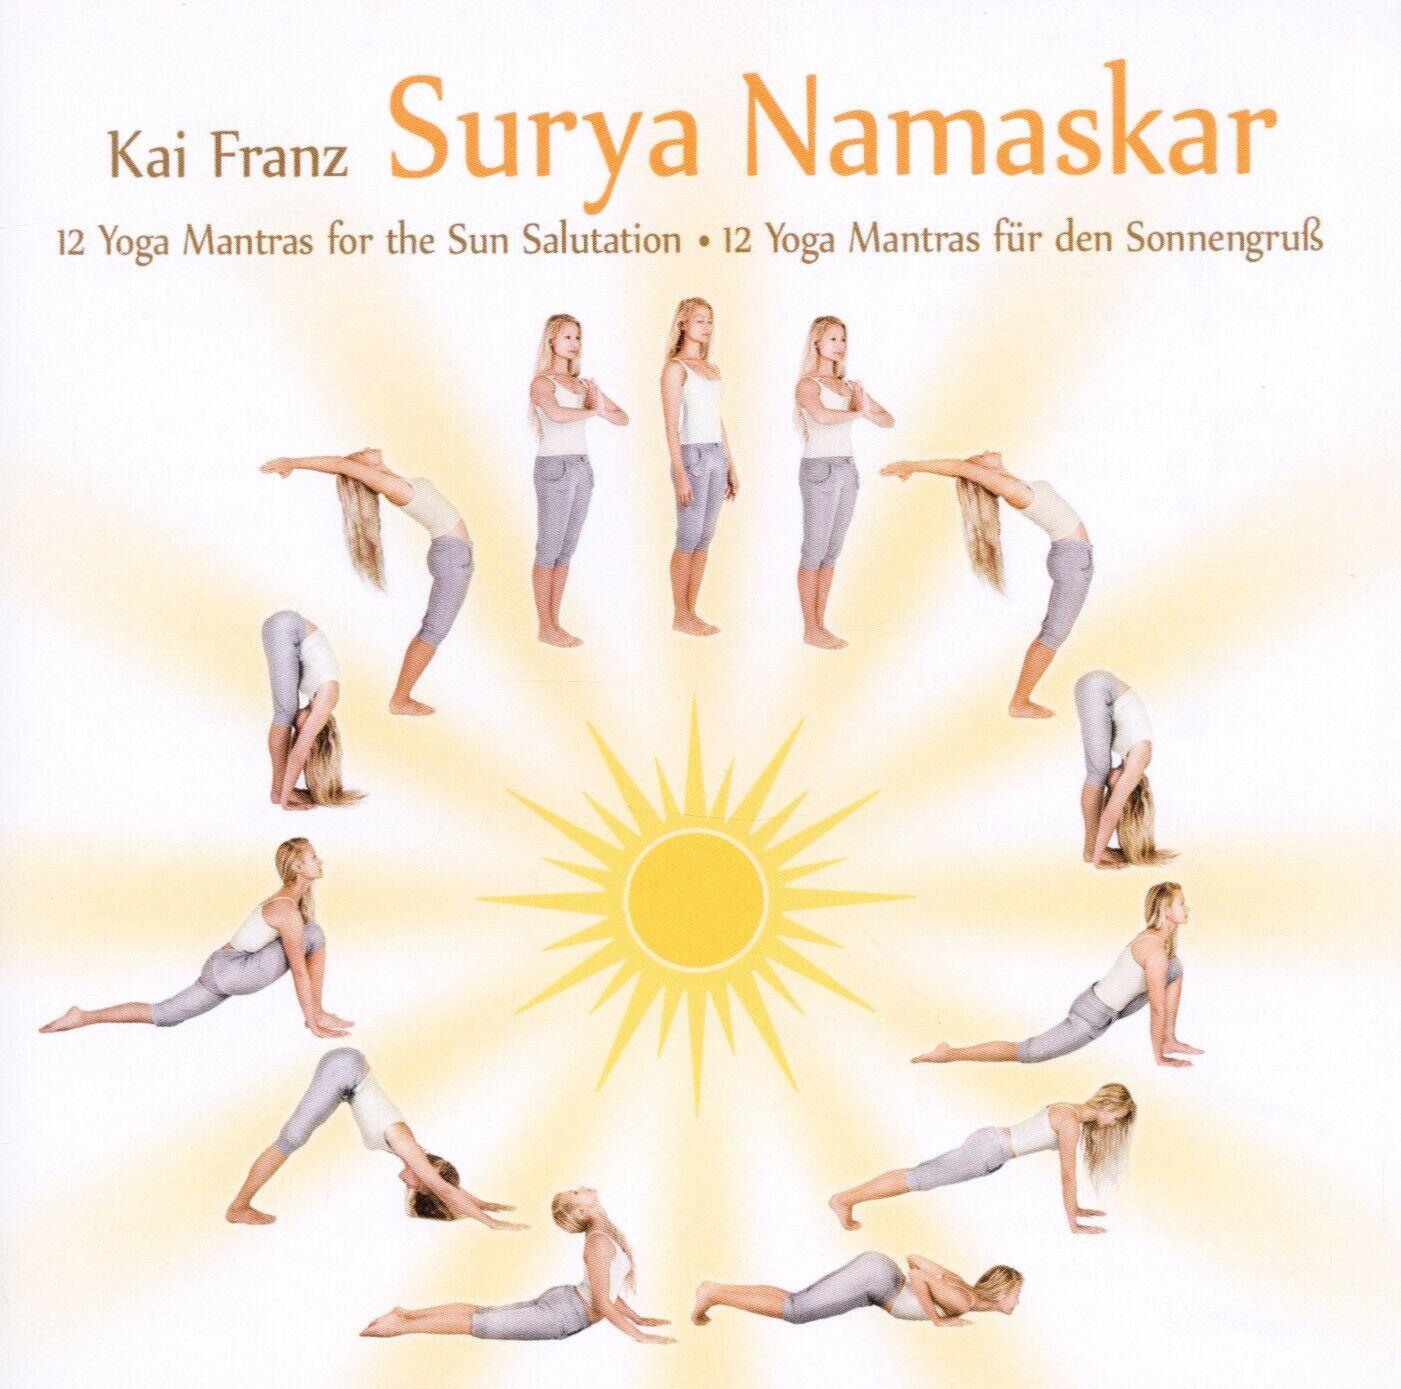 Surya Namaskar von Kai Franz 50 online kaufen   eBay